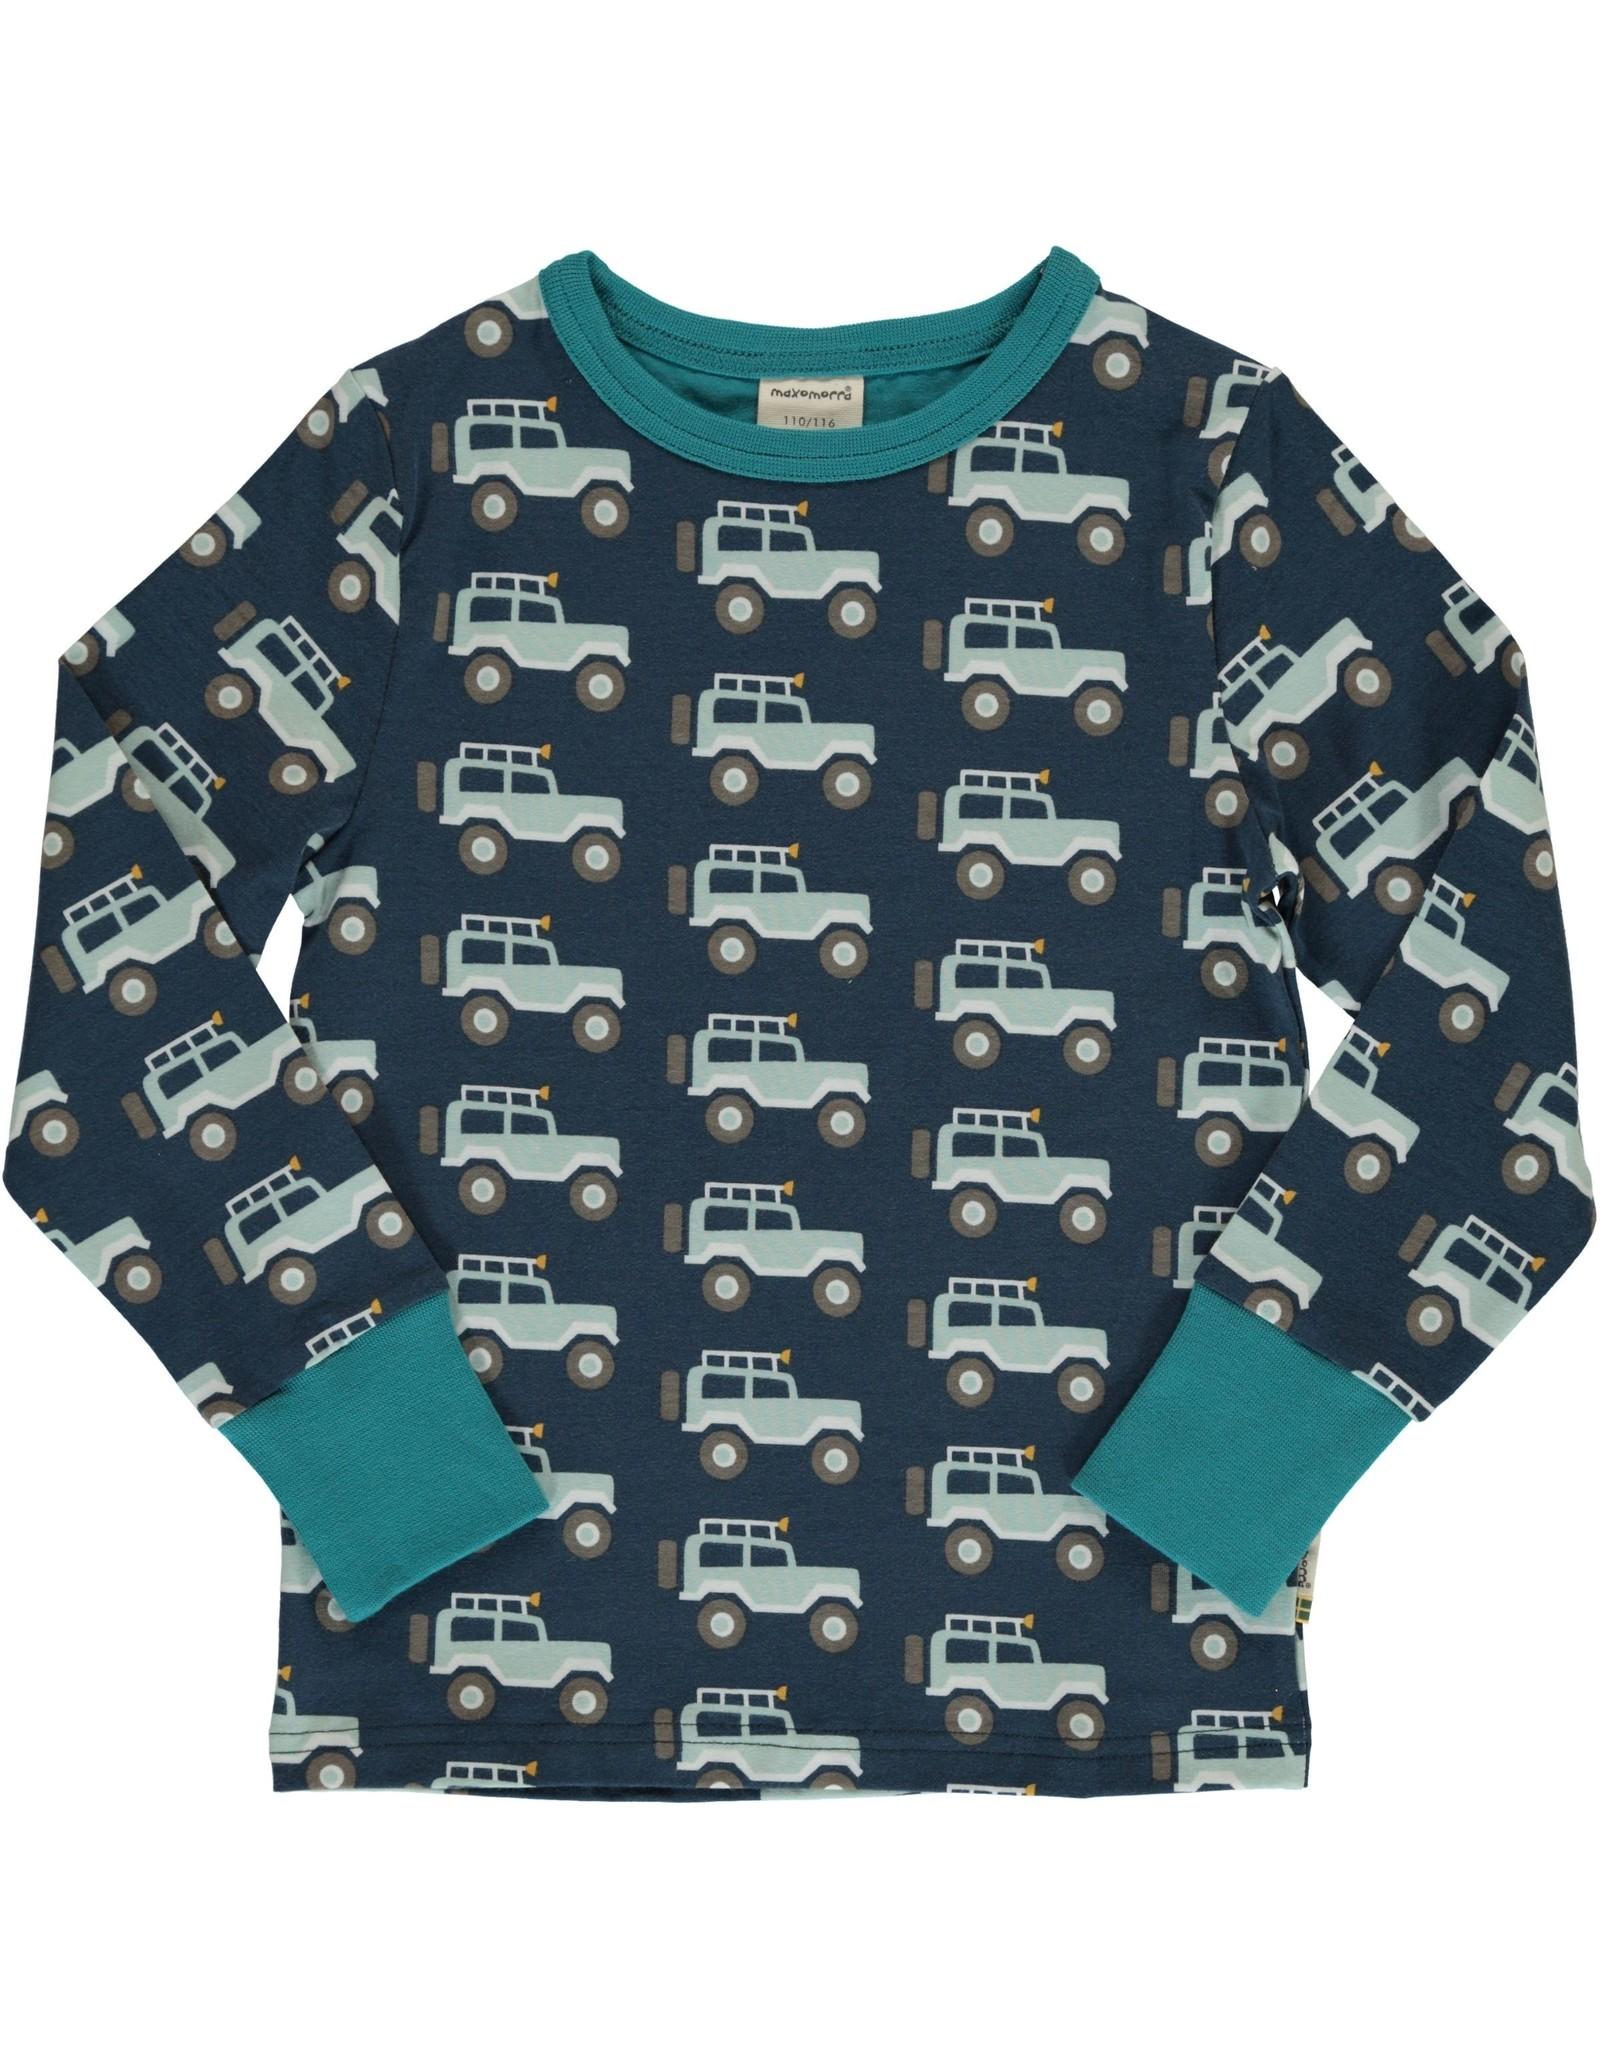 Maxomorra T-shirts met jeeps - LAATSTE MAAT 134/140